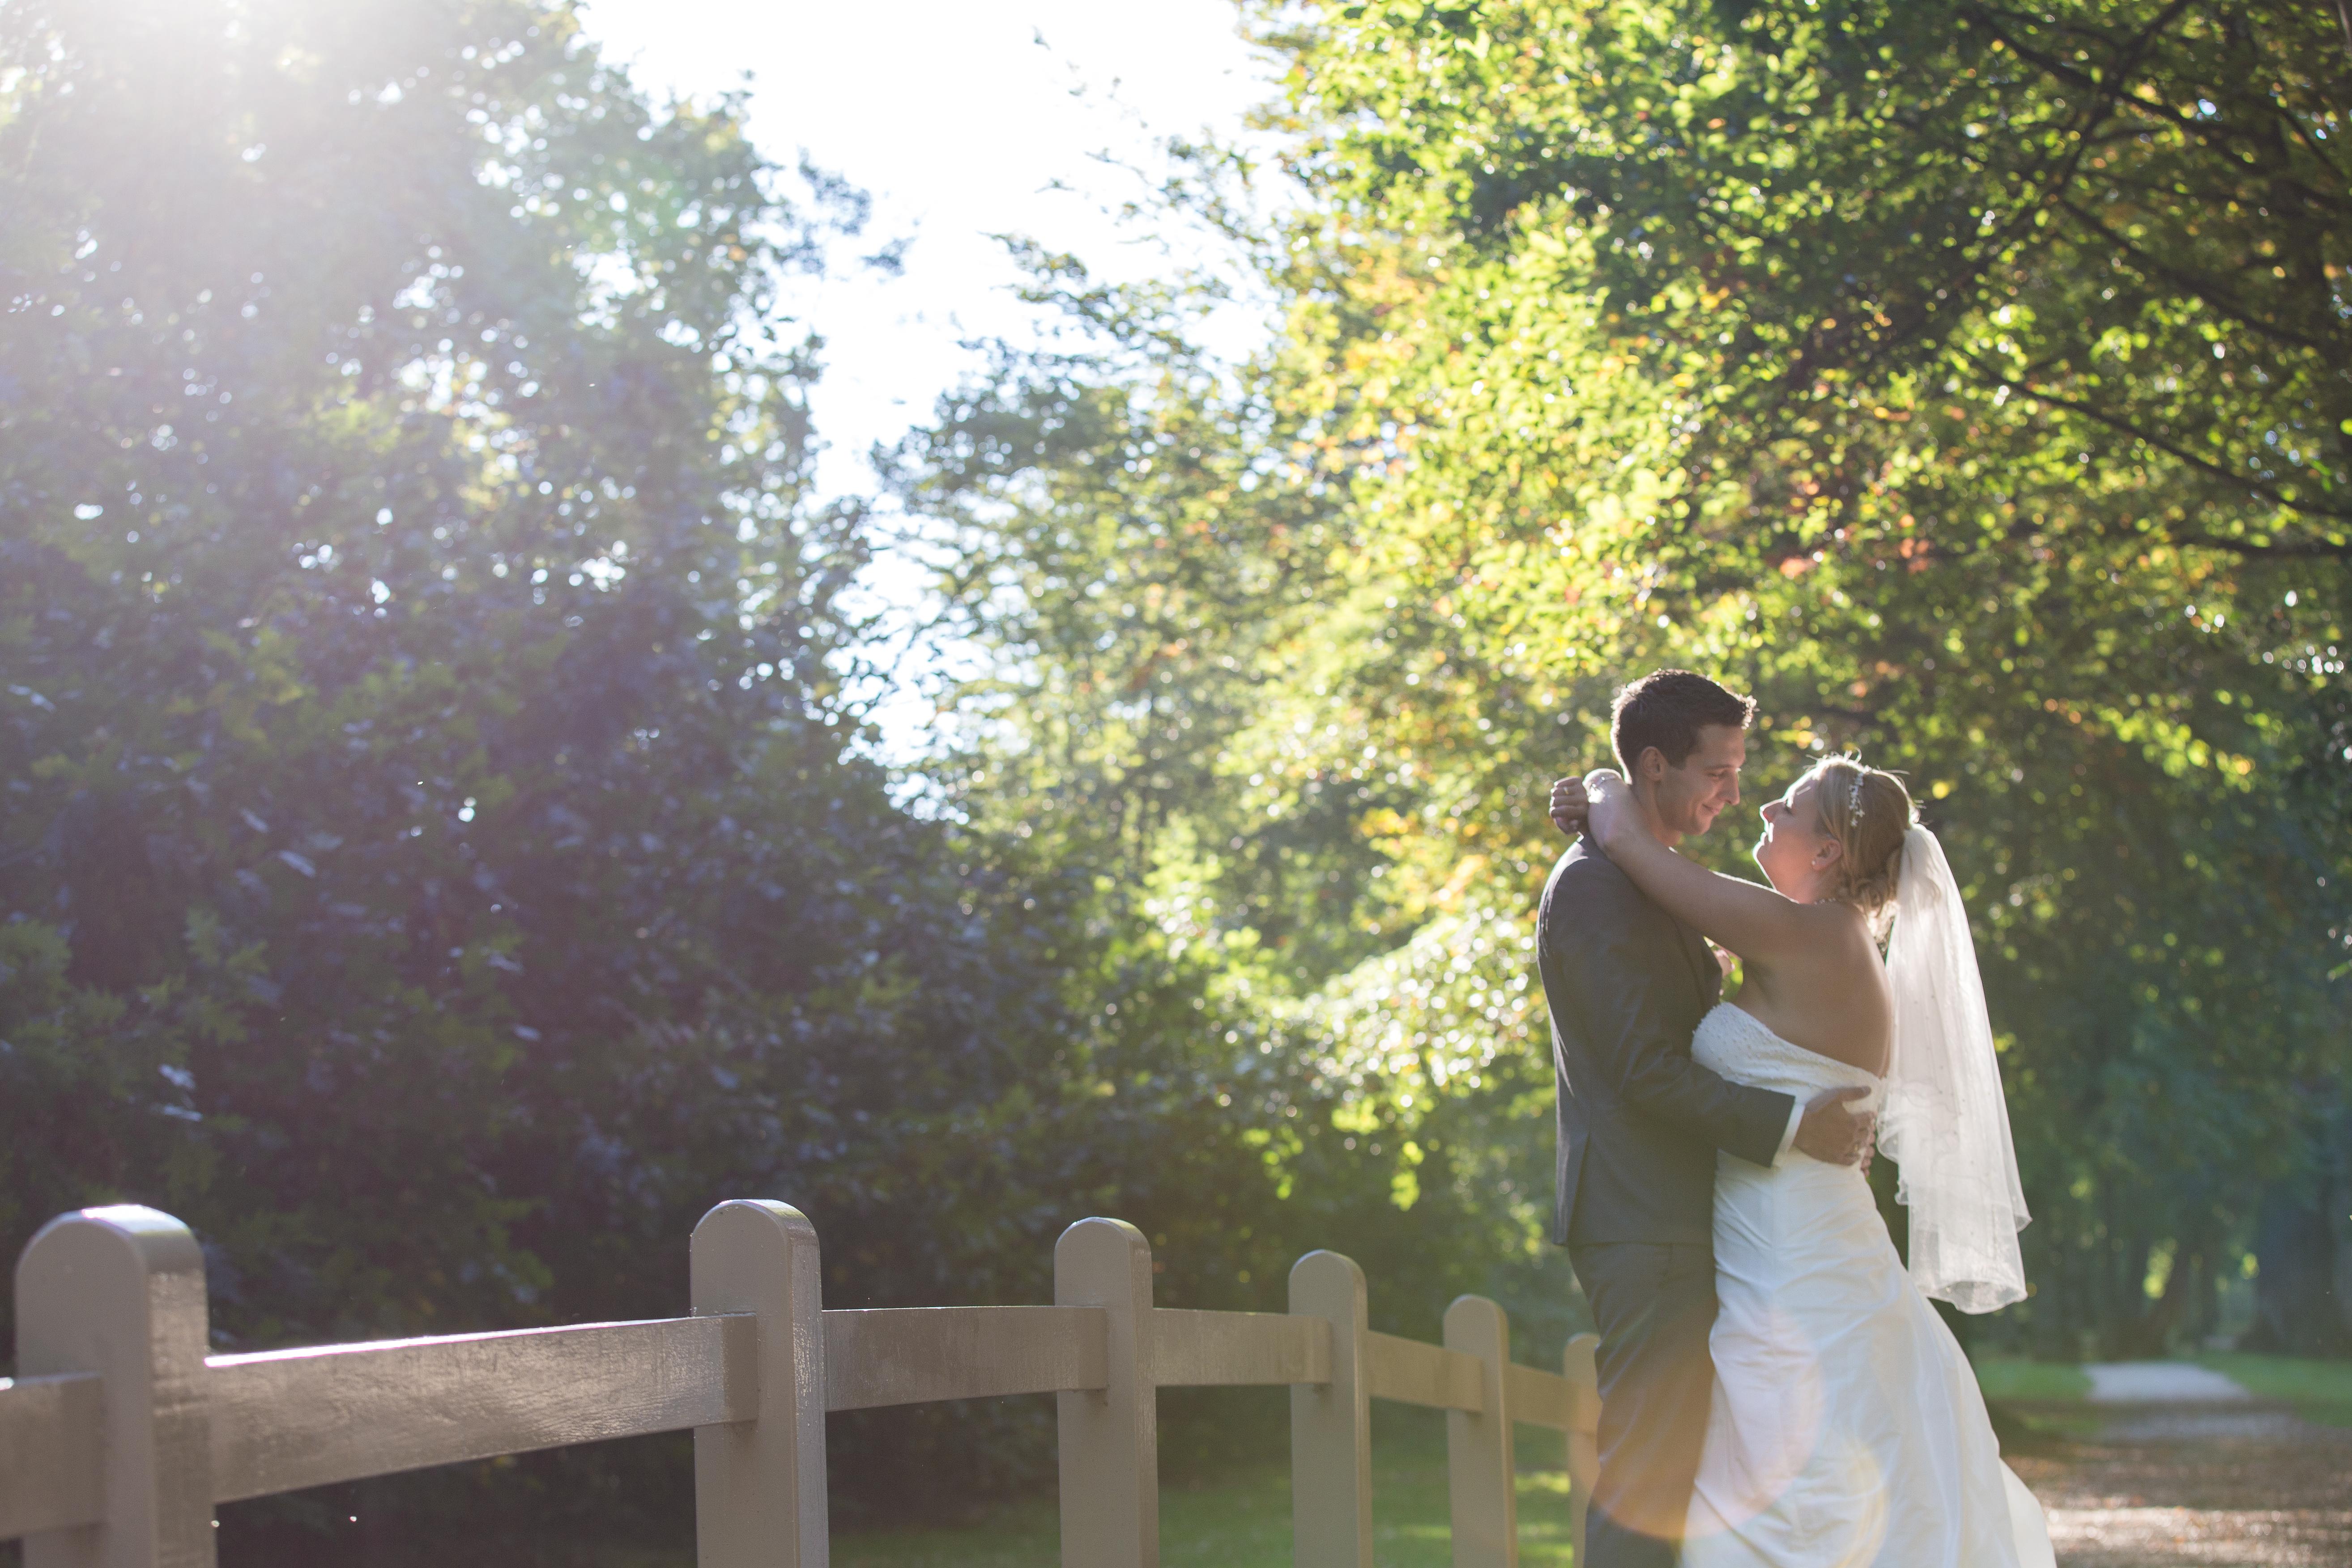 Fotoshoot voor de trouwfoto's op landgoed Groenendaal